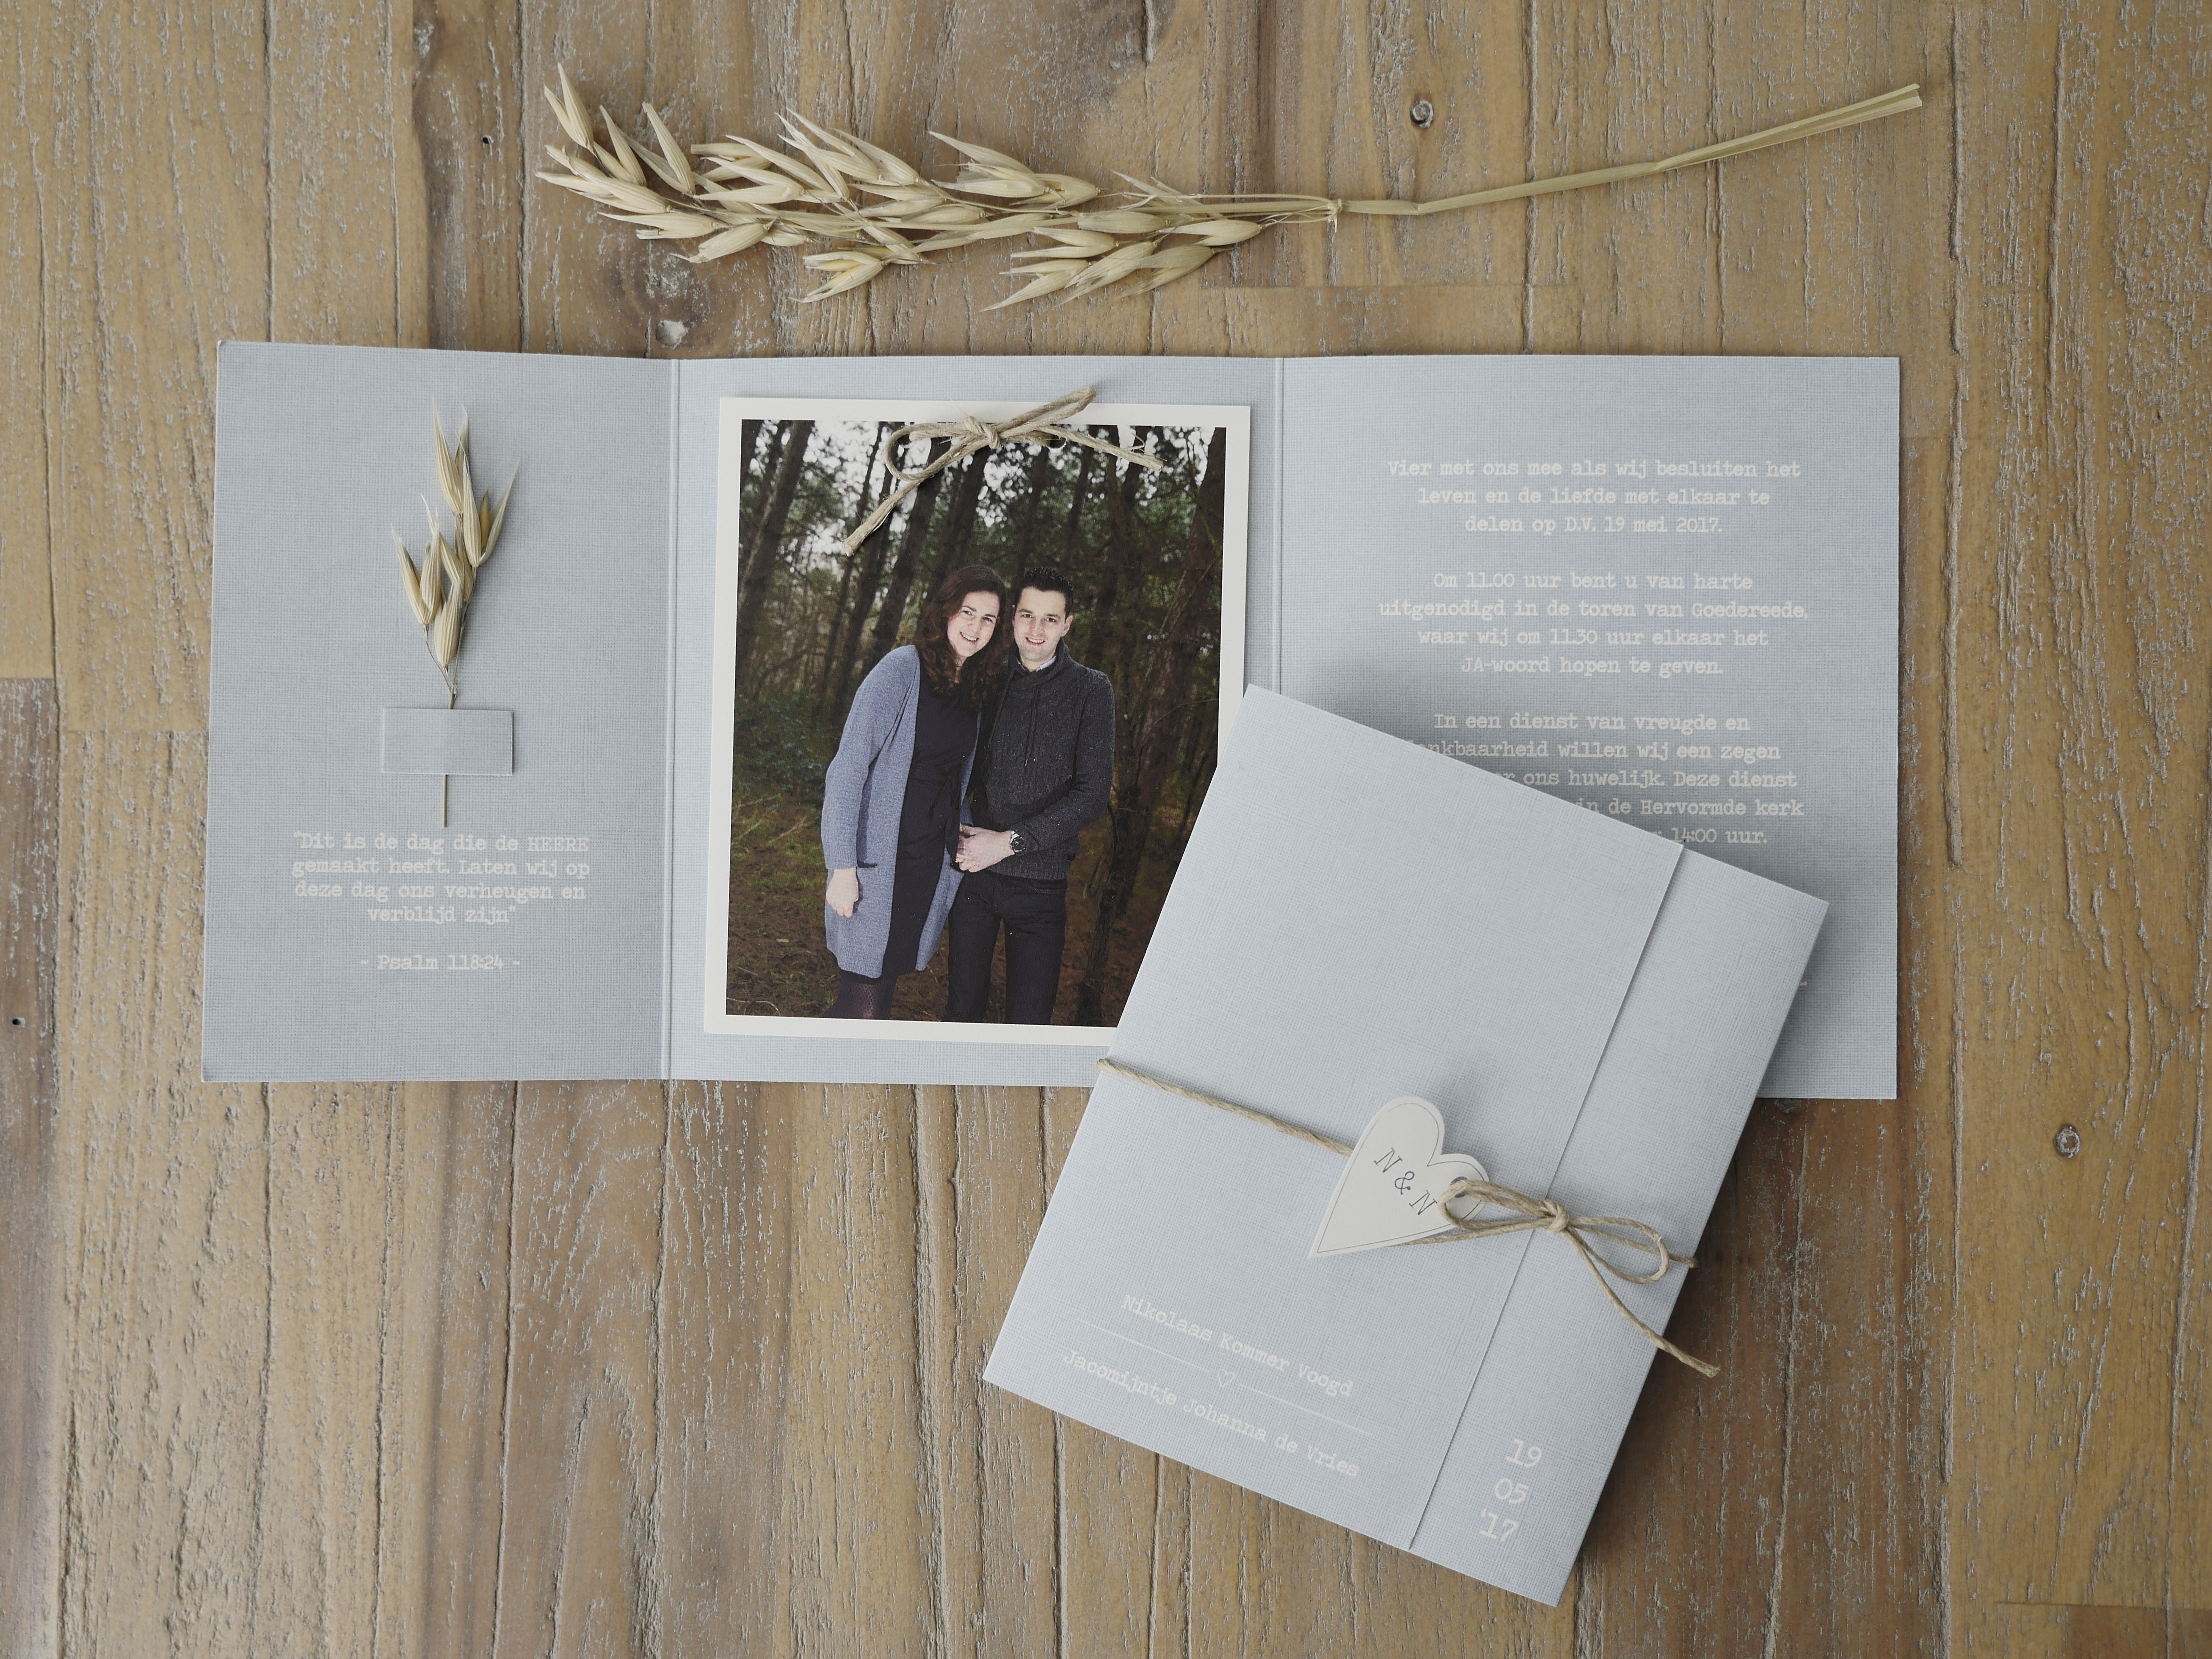 """Noami mailde: """"Mijn vriend heeft thuis een molenaarsbedrijf, is het ook mogelijk om een korenaar op de trouwkaart te doen?"""" Zo zijn we aan de slag gegaan en is dit het eindresultaat: een mooie oud blauwe linnen kaart die helemaal past bij dit bruidspaar!"""